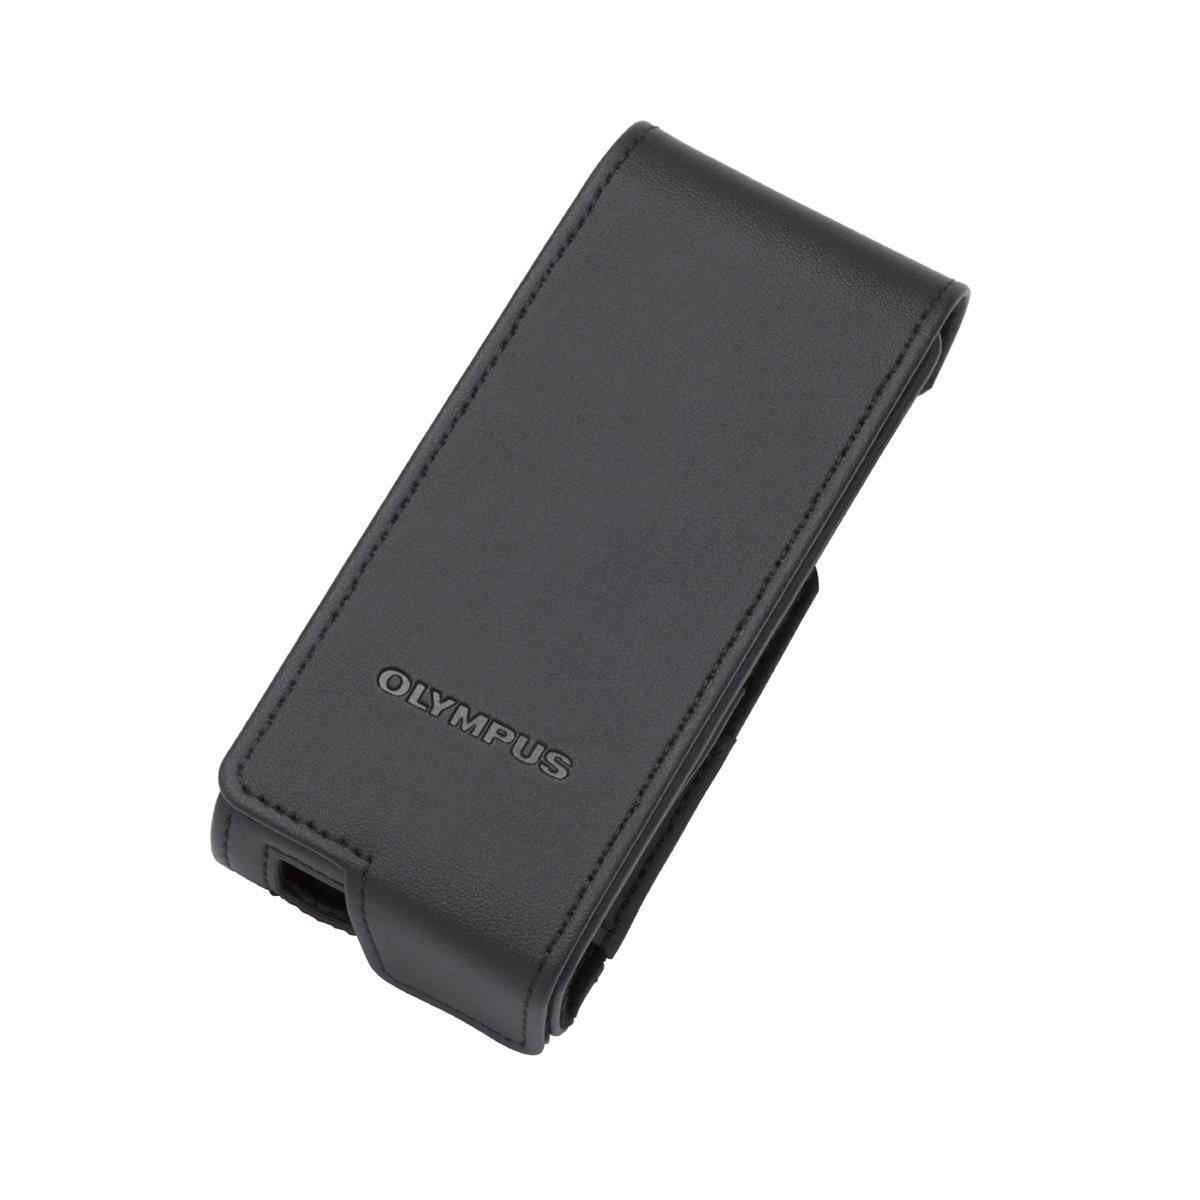 Olympus CS-151 Case